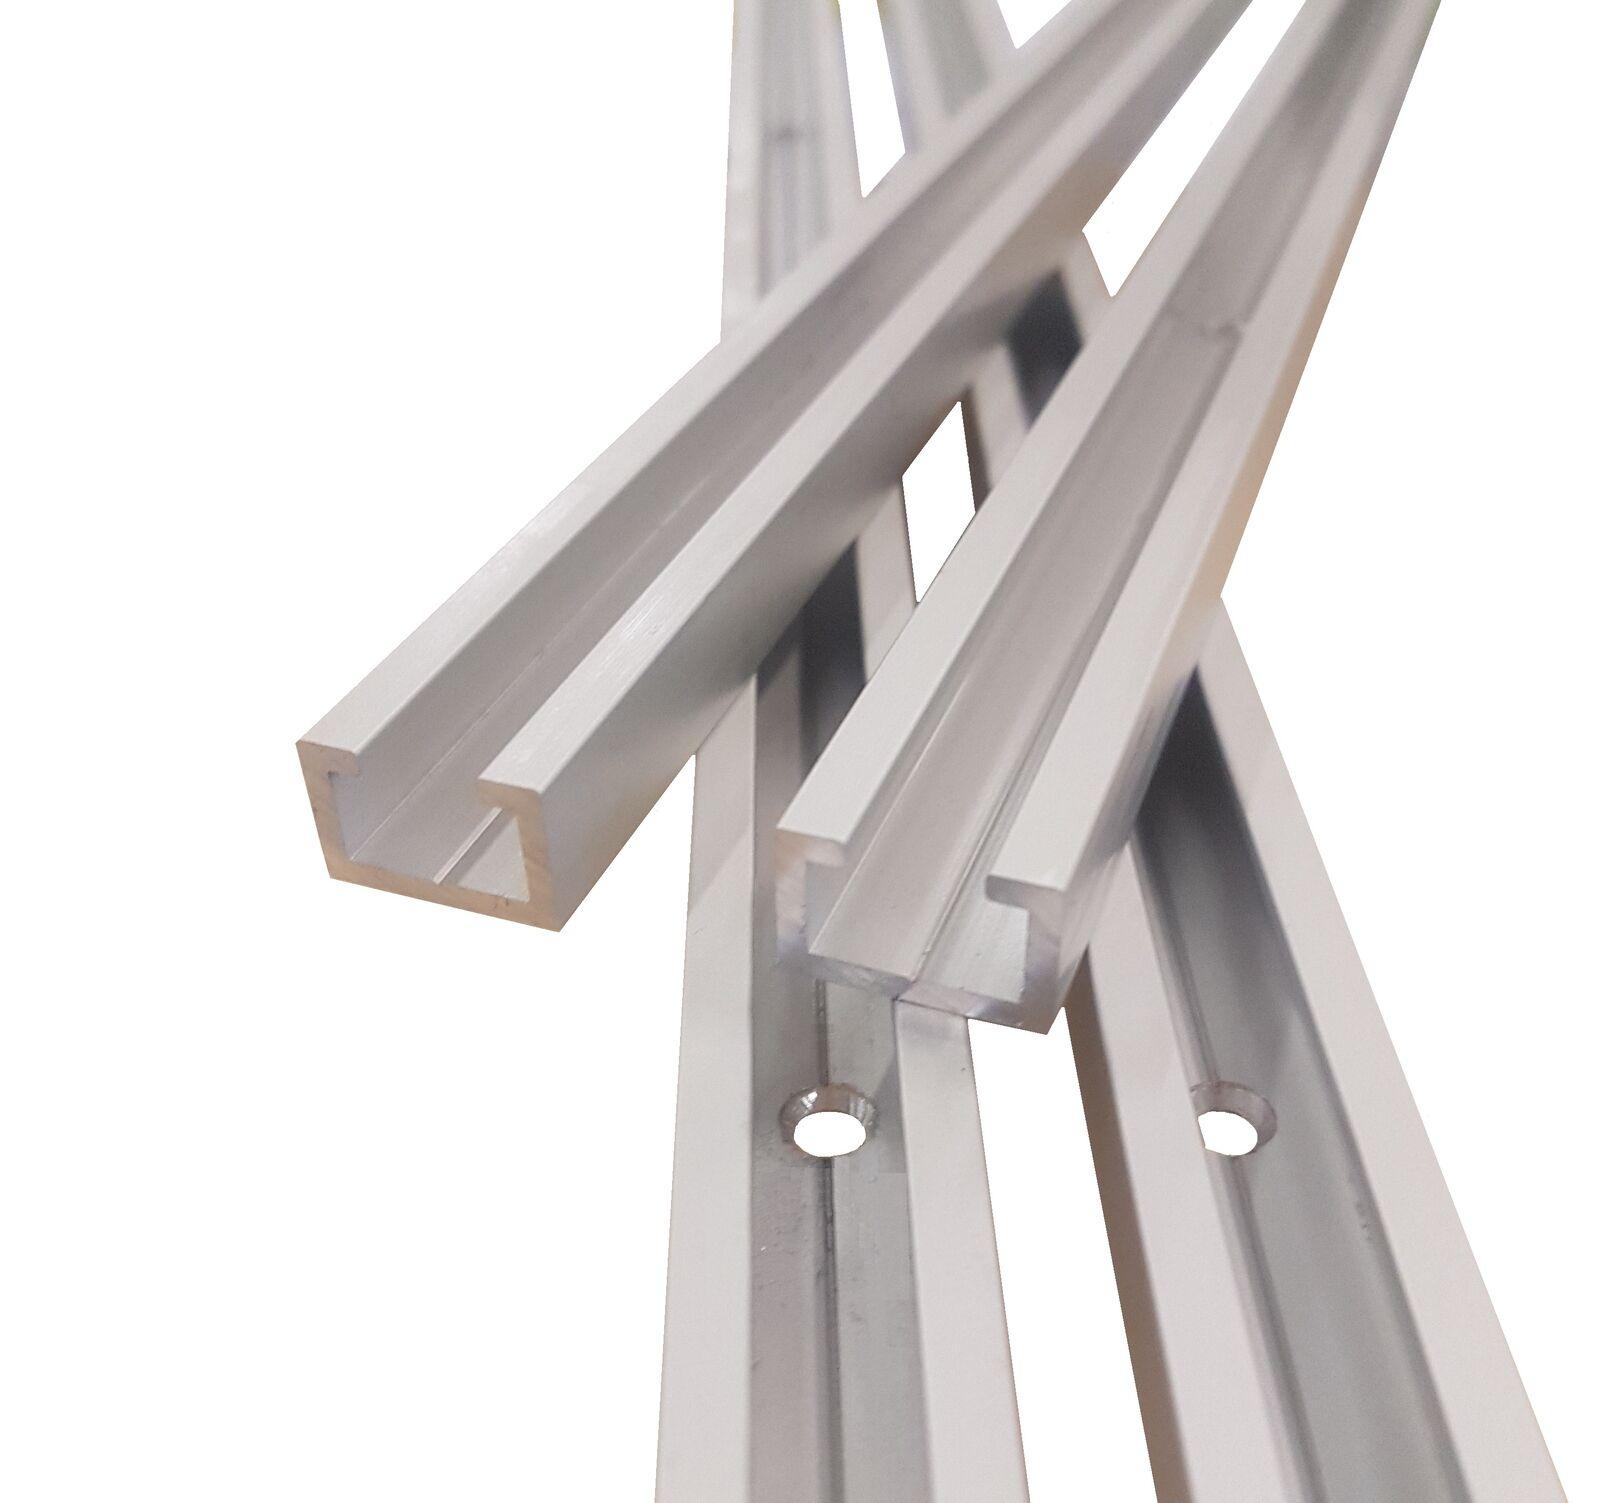 SDUCR Ø  8,10,12,16,20,25 mm für DCGT//DCMT 0702 Stahlbohrstange SDUCL 11T3